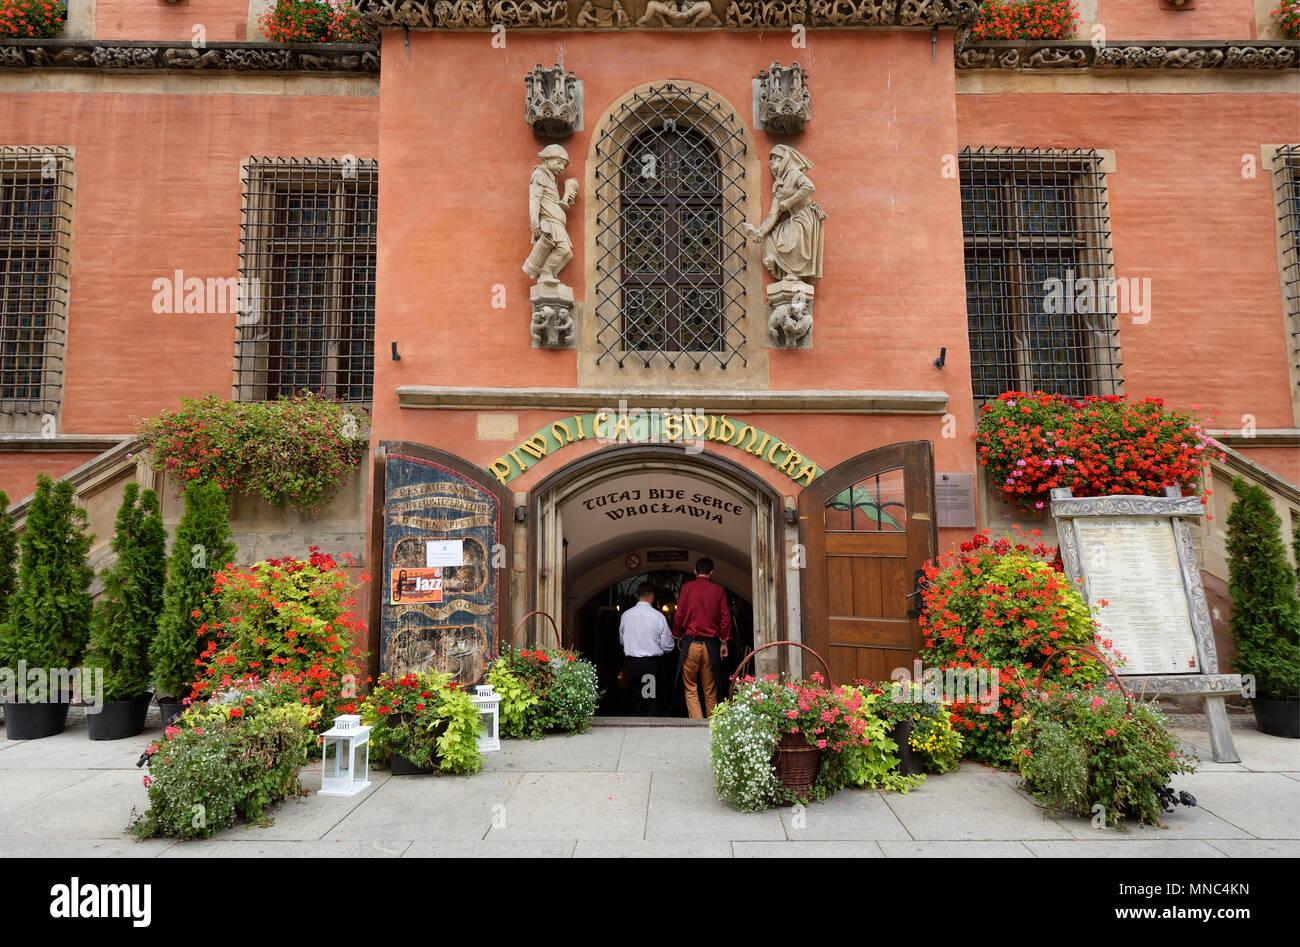 Uno de los restaurantes de la vieja Europa, Piwnica Swidnicka, abrió sus puertas en 1273. Es la primera bodega de cerveza en Europa. El Rynek, Wroclaw. Polonia Imagen De Stock